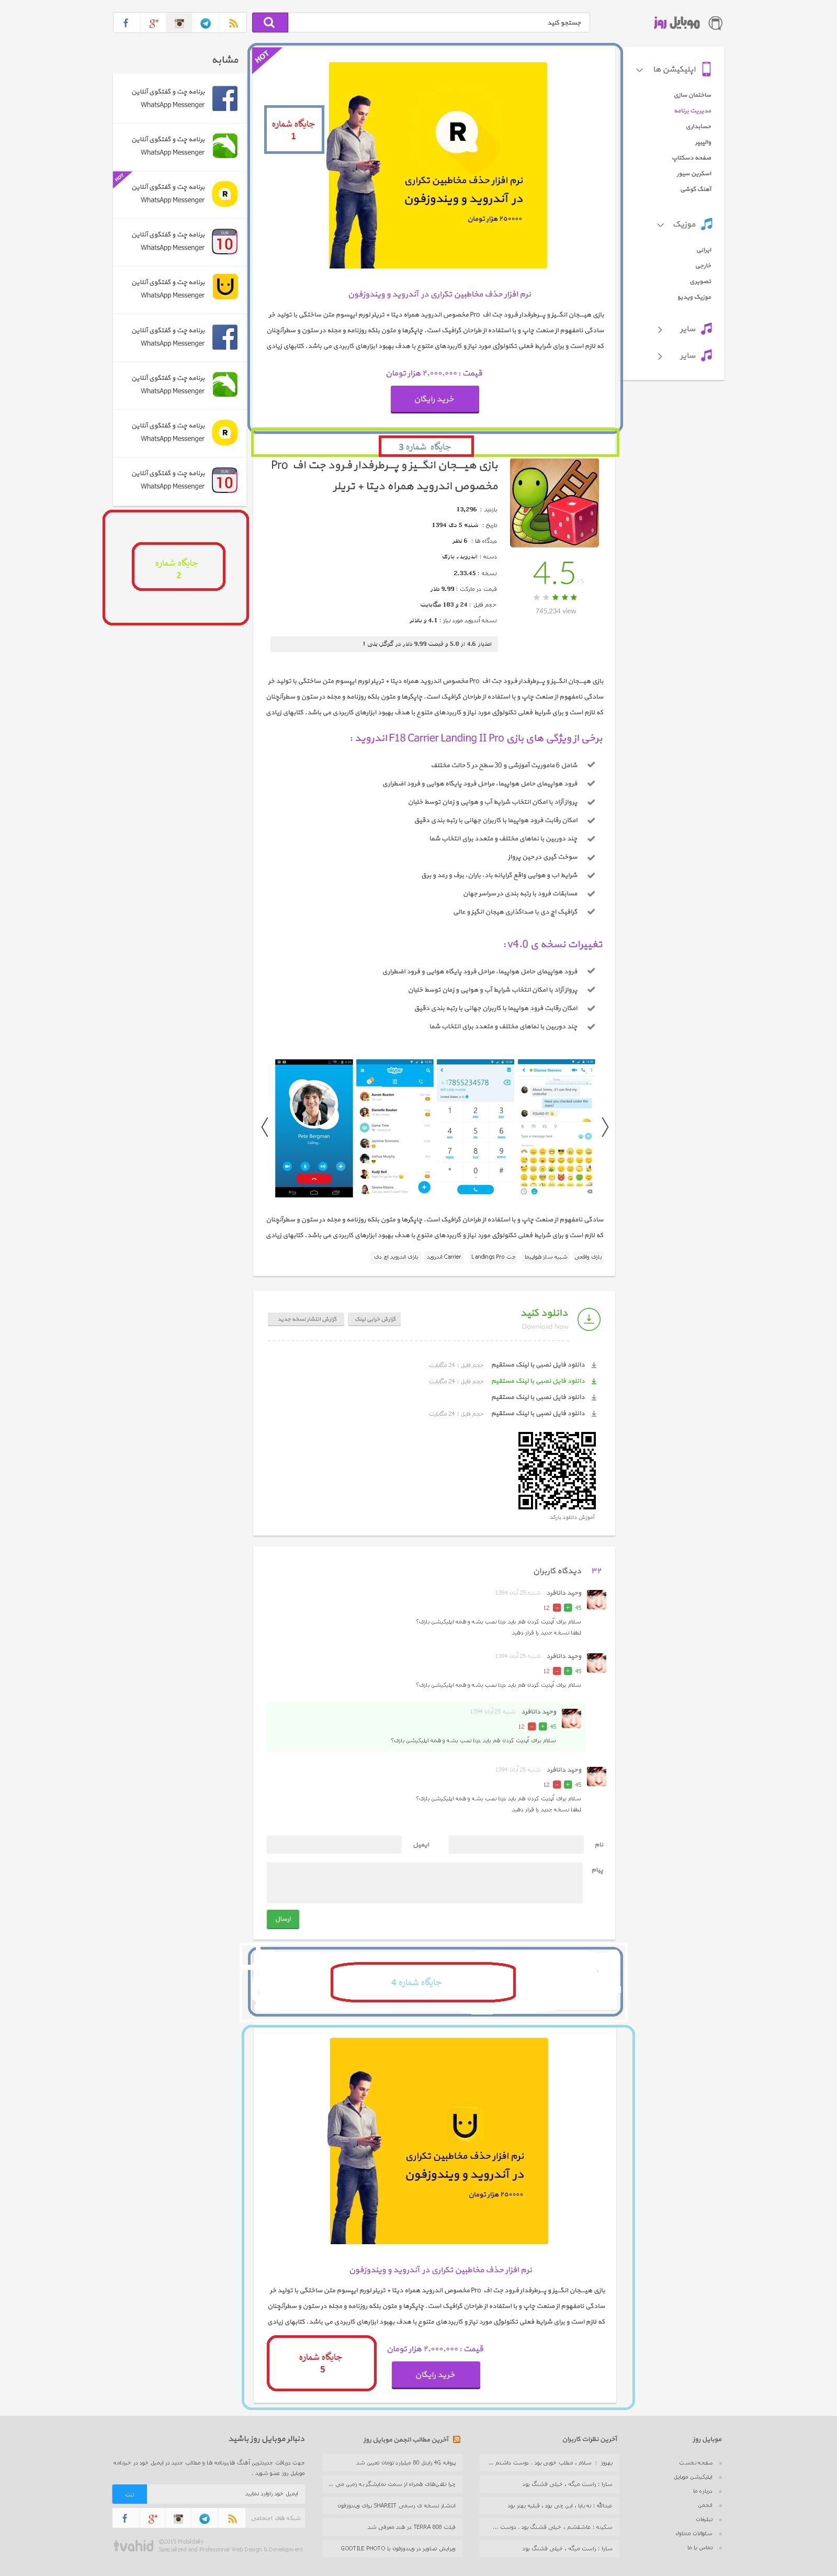 تبلیغات آنلاین در وب سایت موبایل روز - ADS at dailymobile.ir